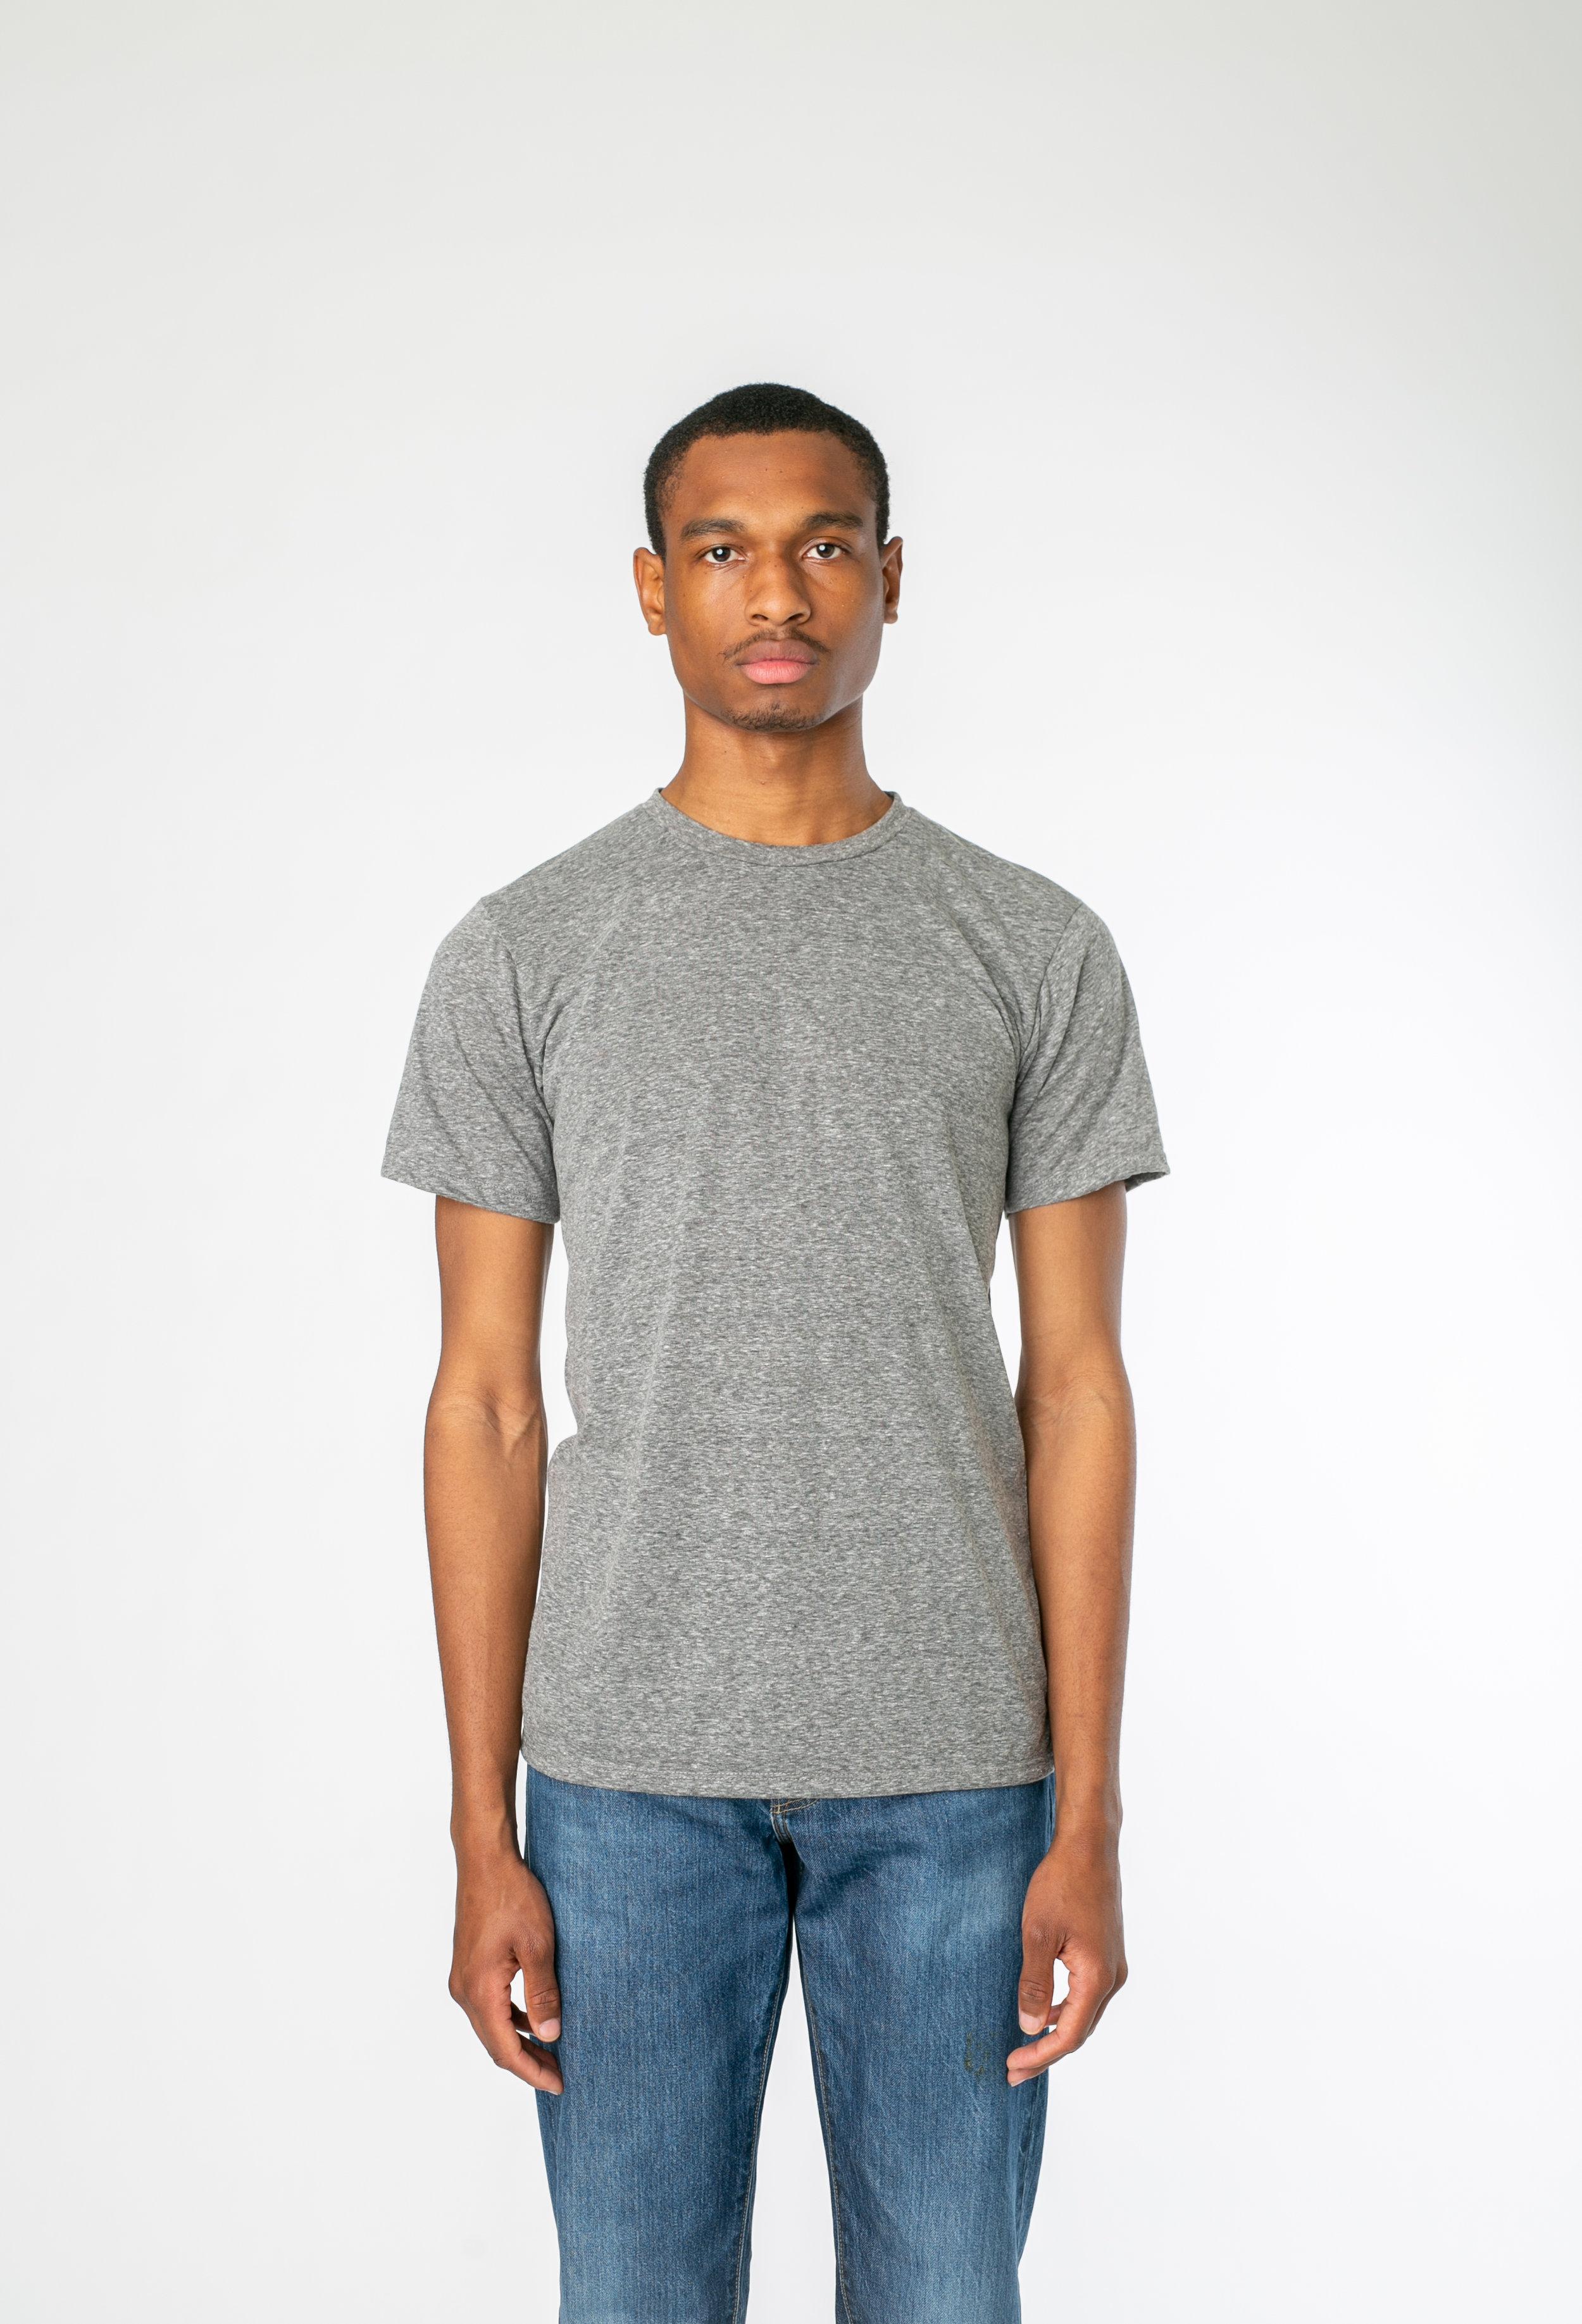 Tri-Blend Grey